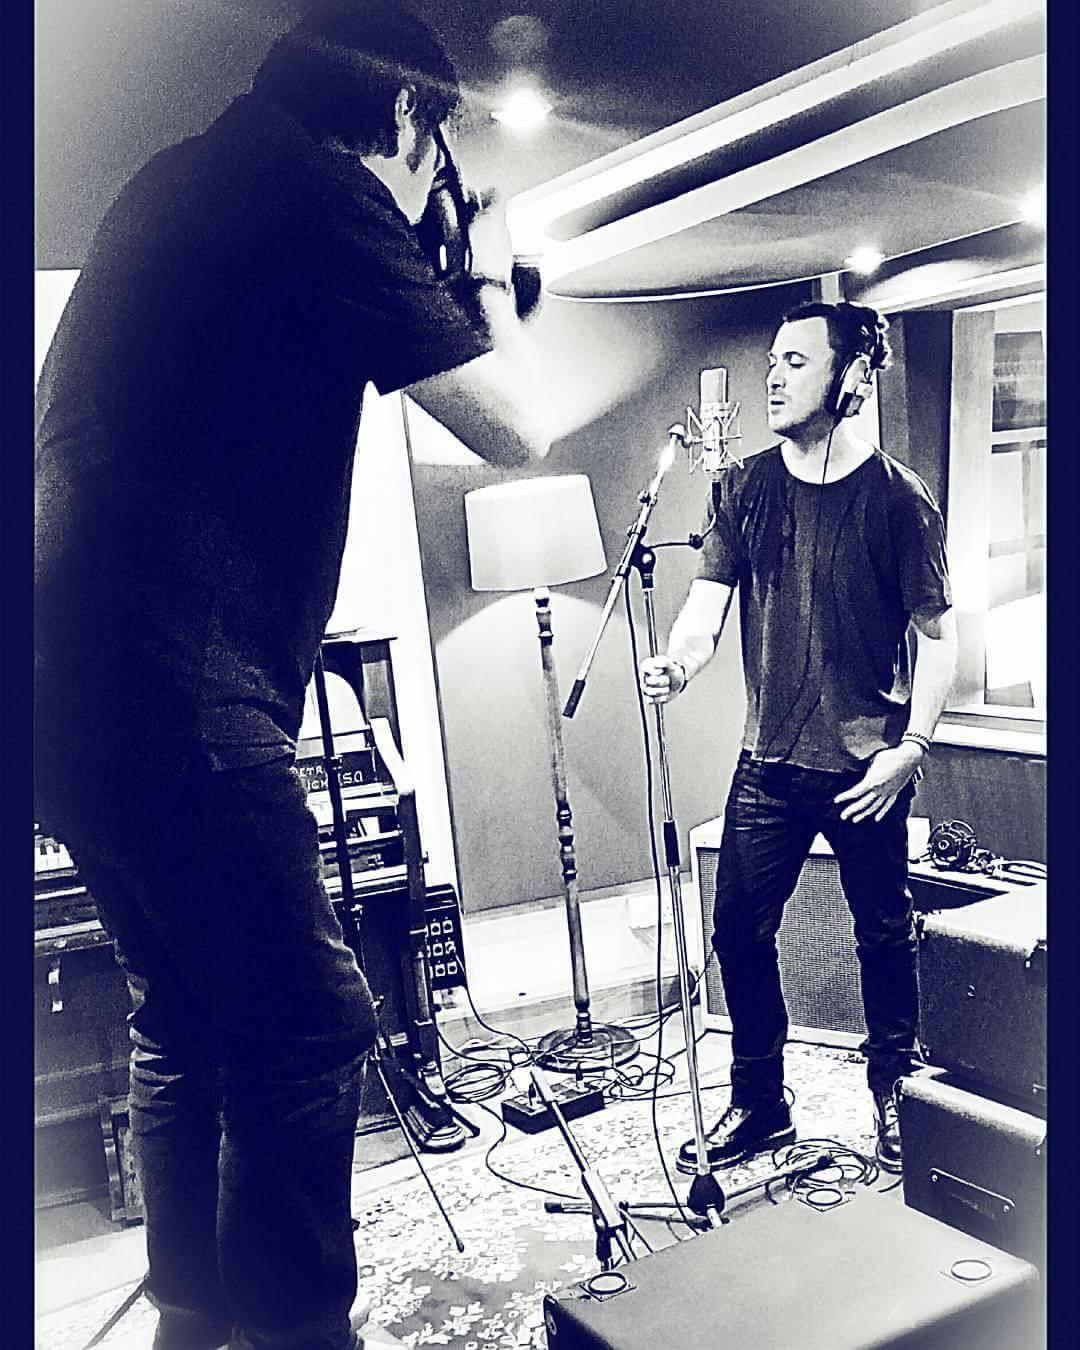 Brian Cannon & John O'Shea Miloco Studios (2)